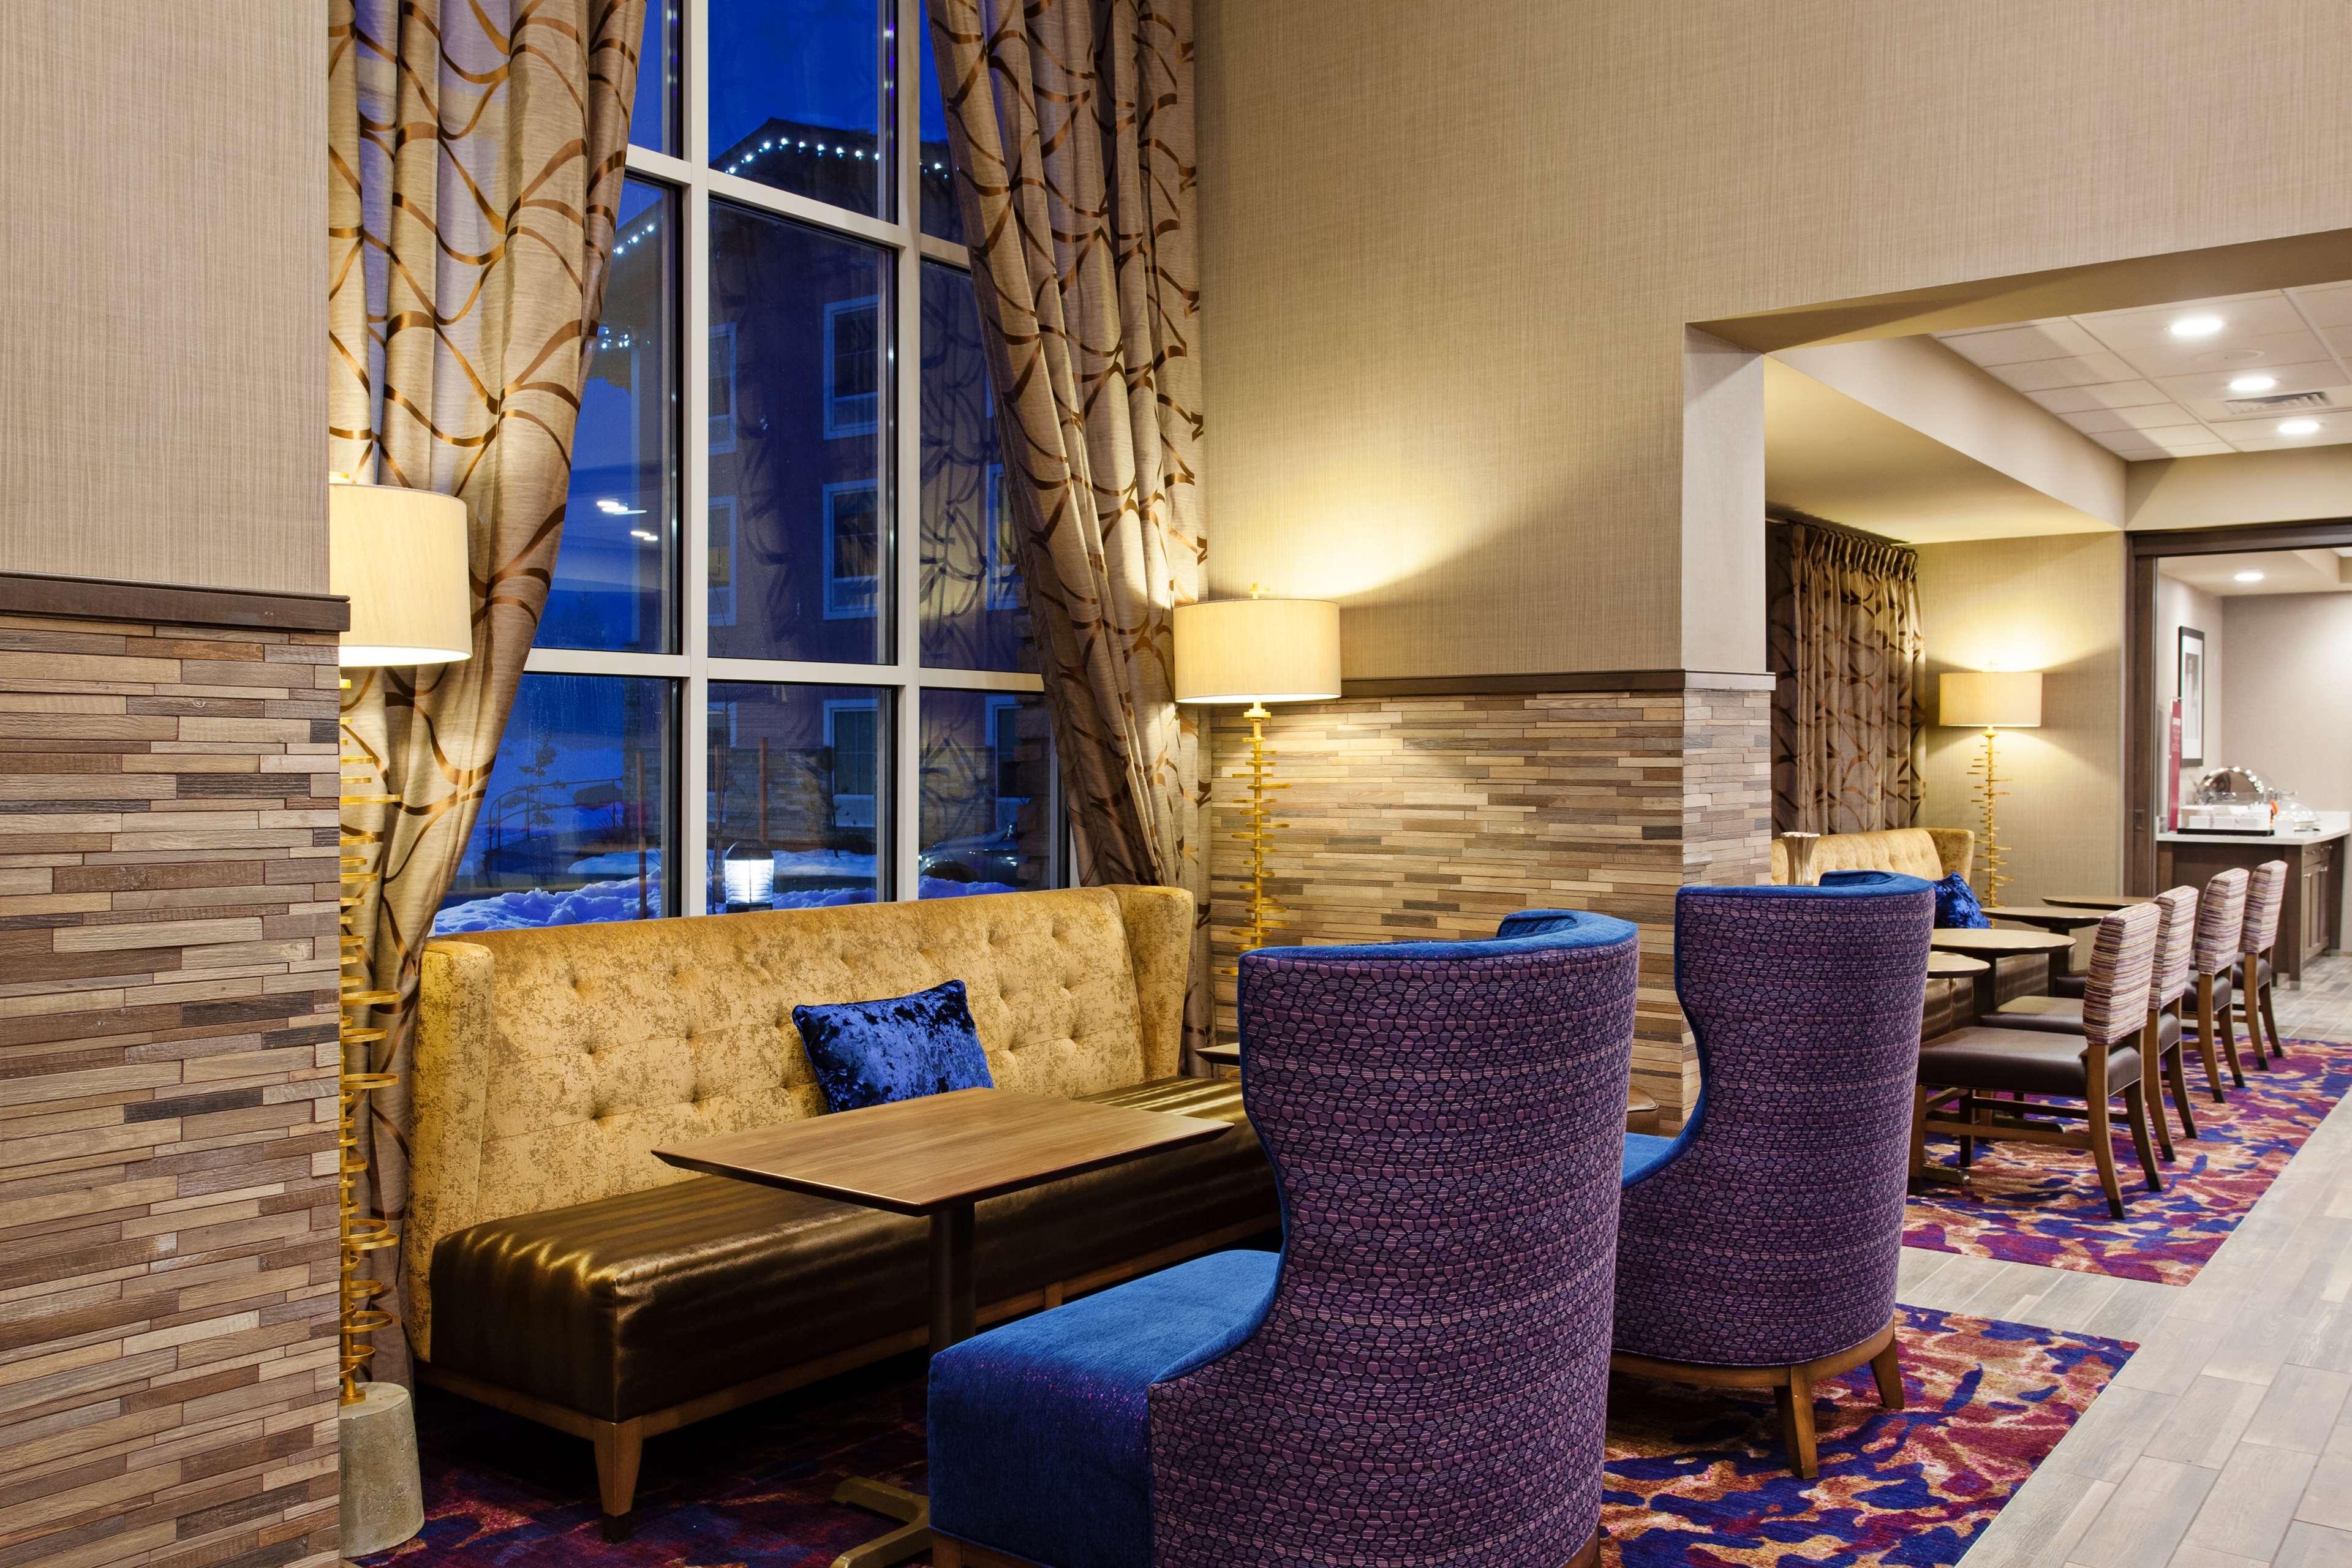 Hampton Inn & Suites Leavenworth image 11